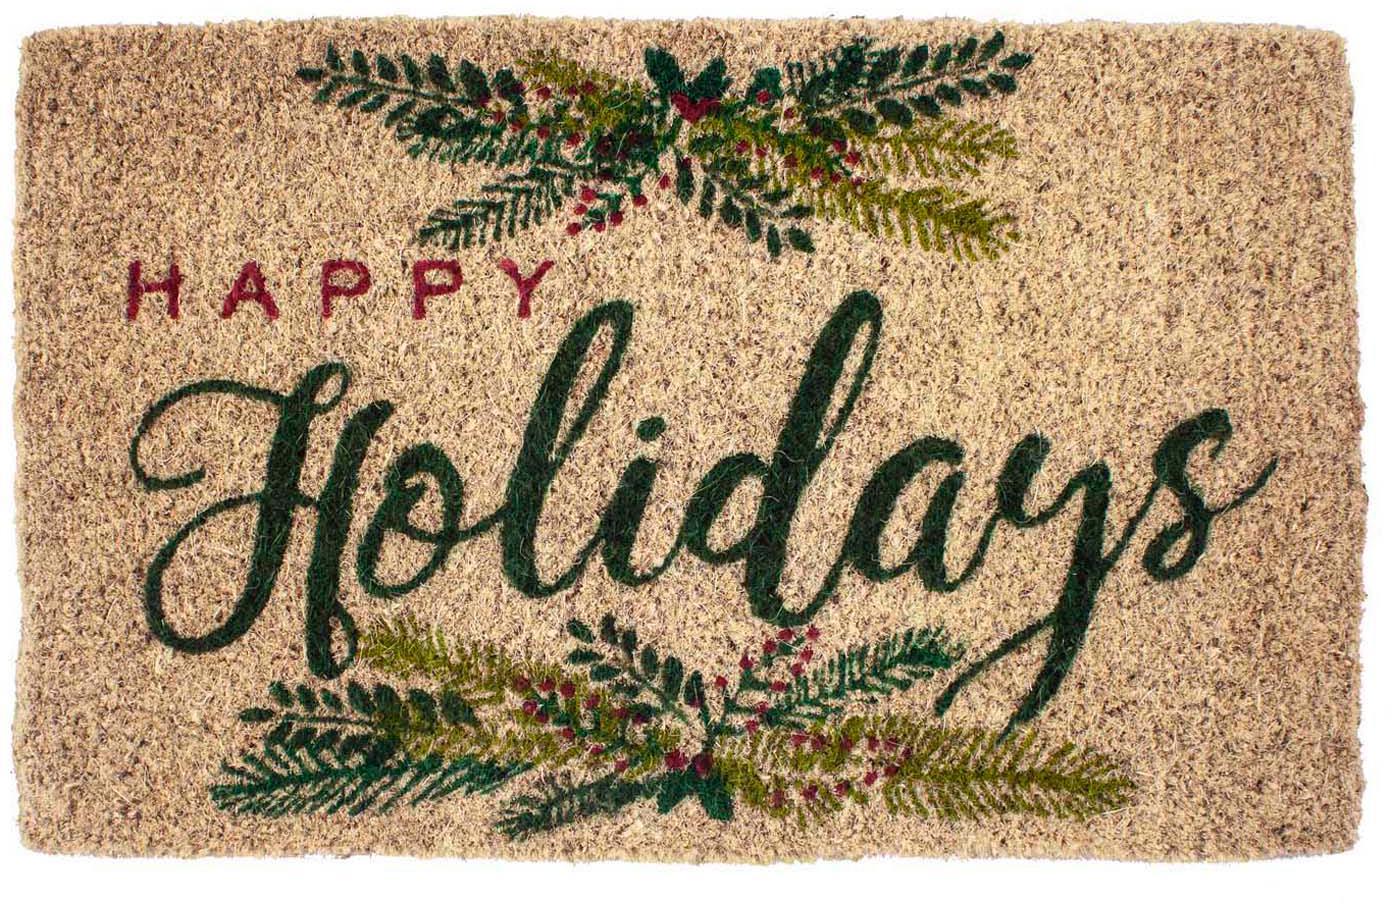 Ręcznie tkana wycieraczka Happy Holidays, Włókno kokosowe, Beżowy, zielony, czerwony, S 43 x D 70 cm